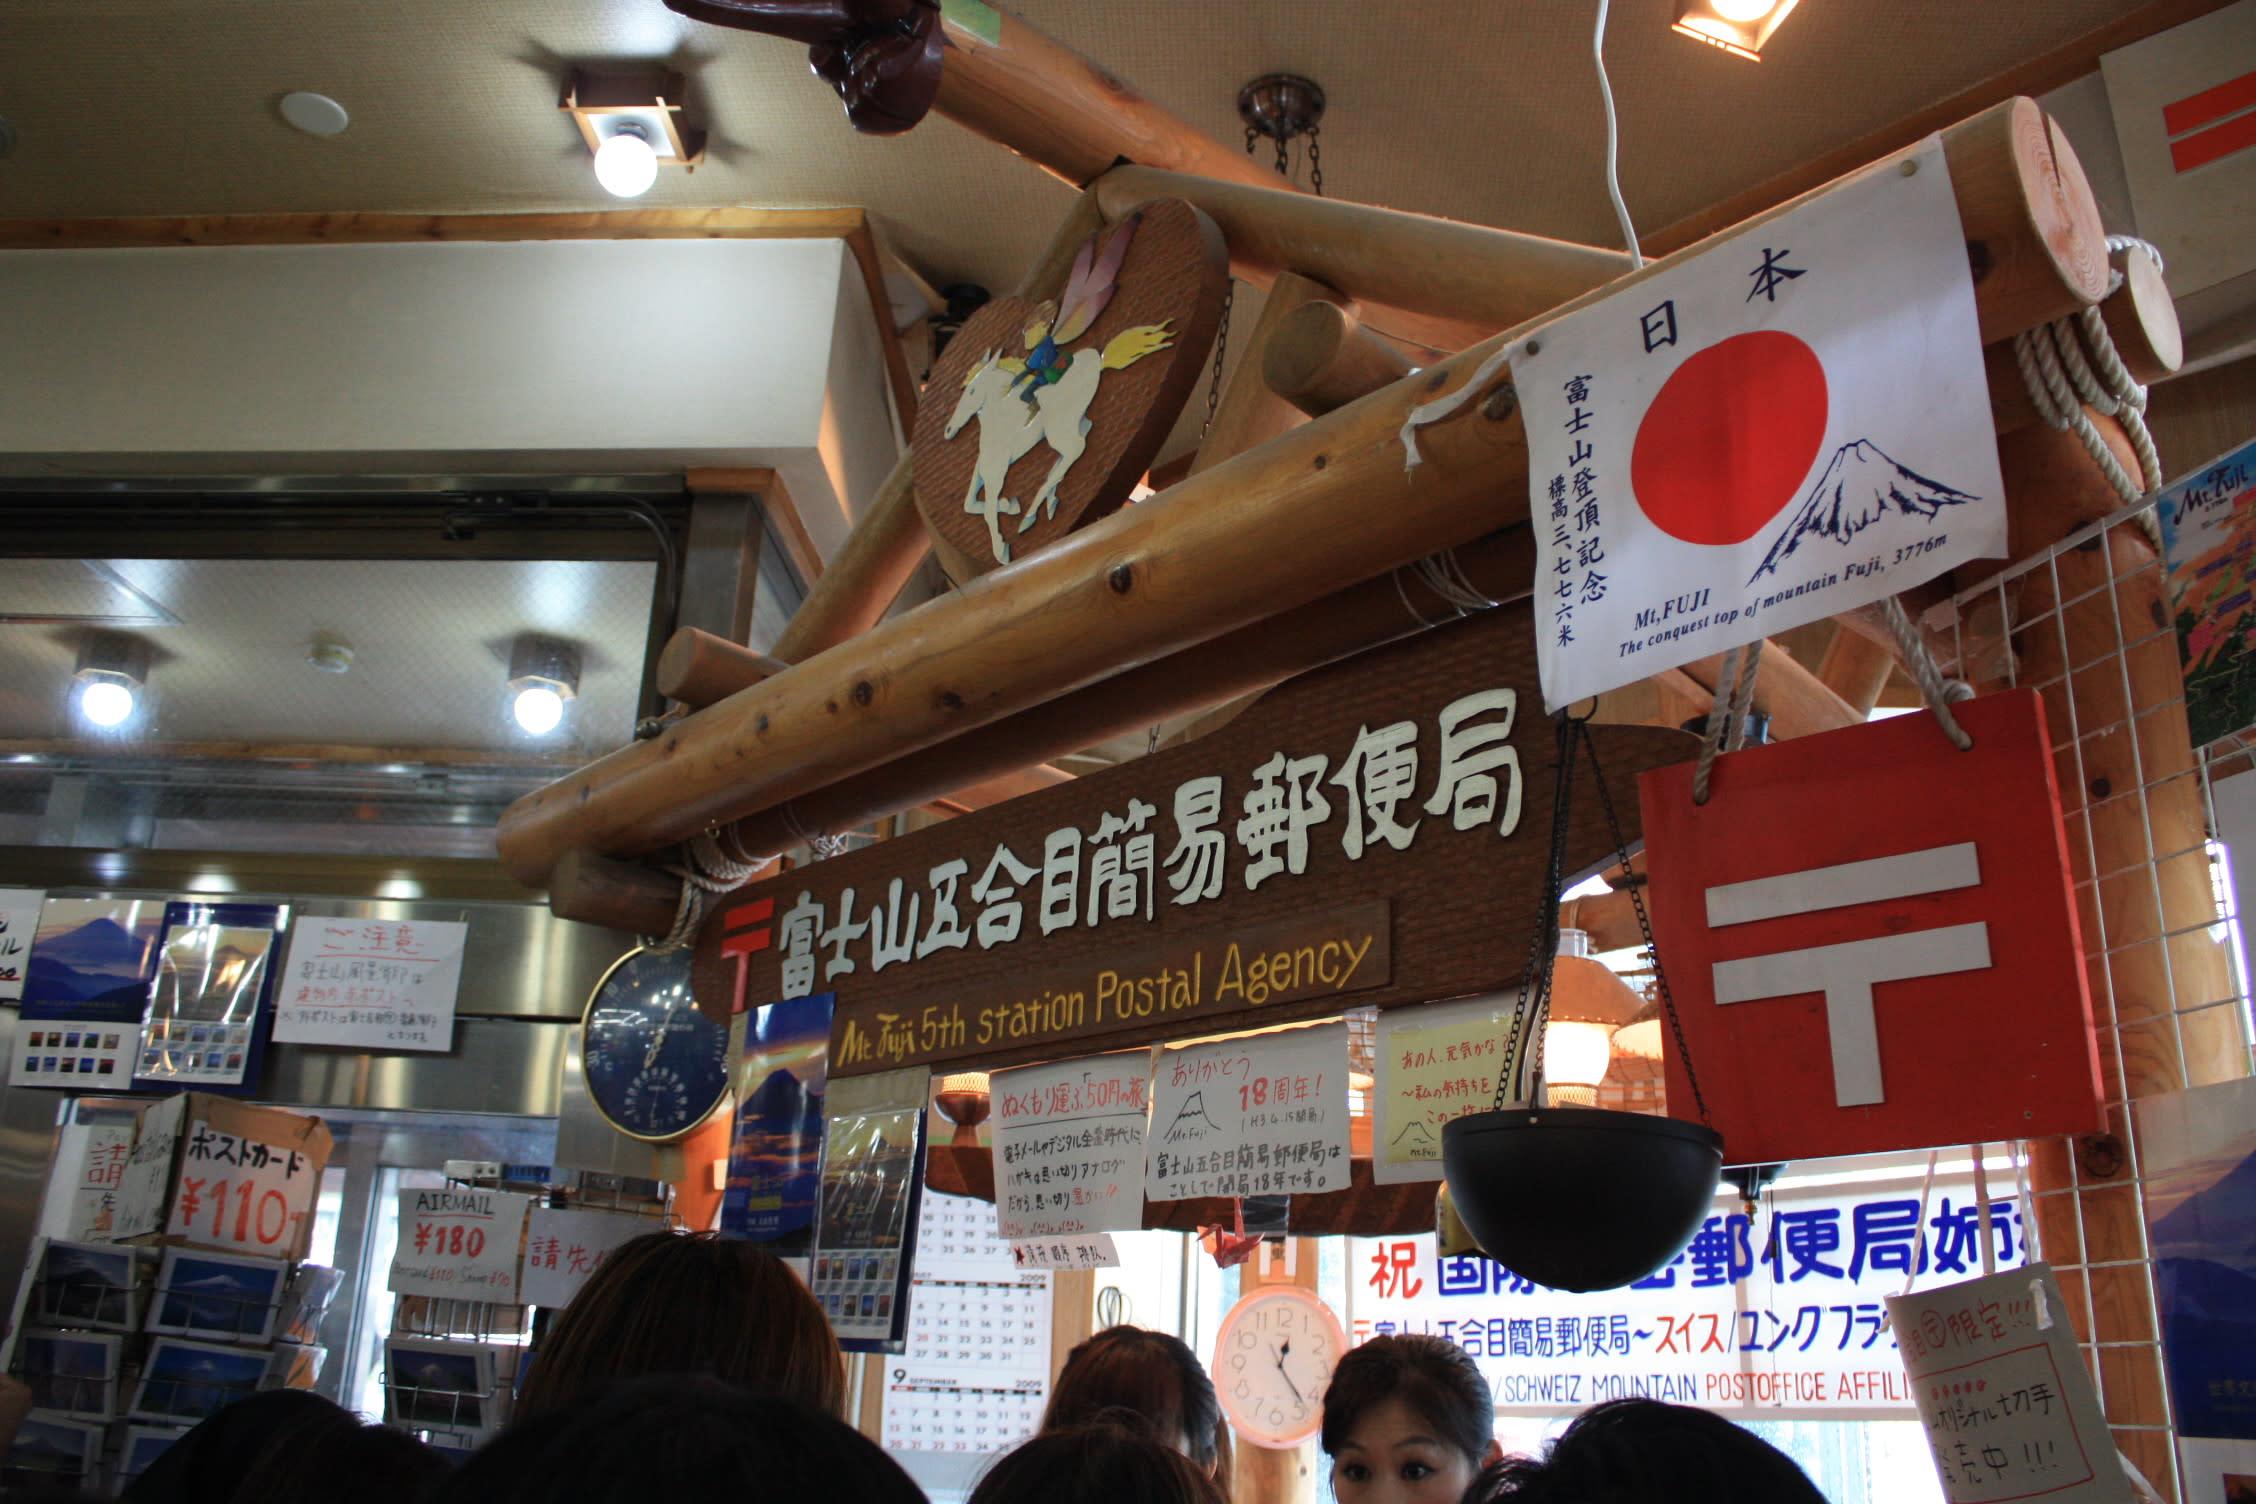 富士山五合目的簡易郵便局。圖片來源:フォートラベル